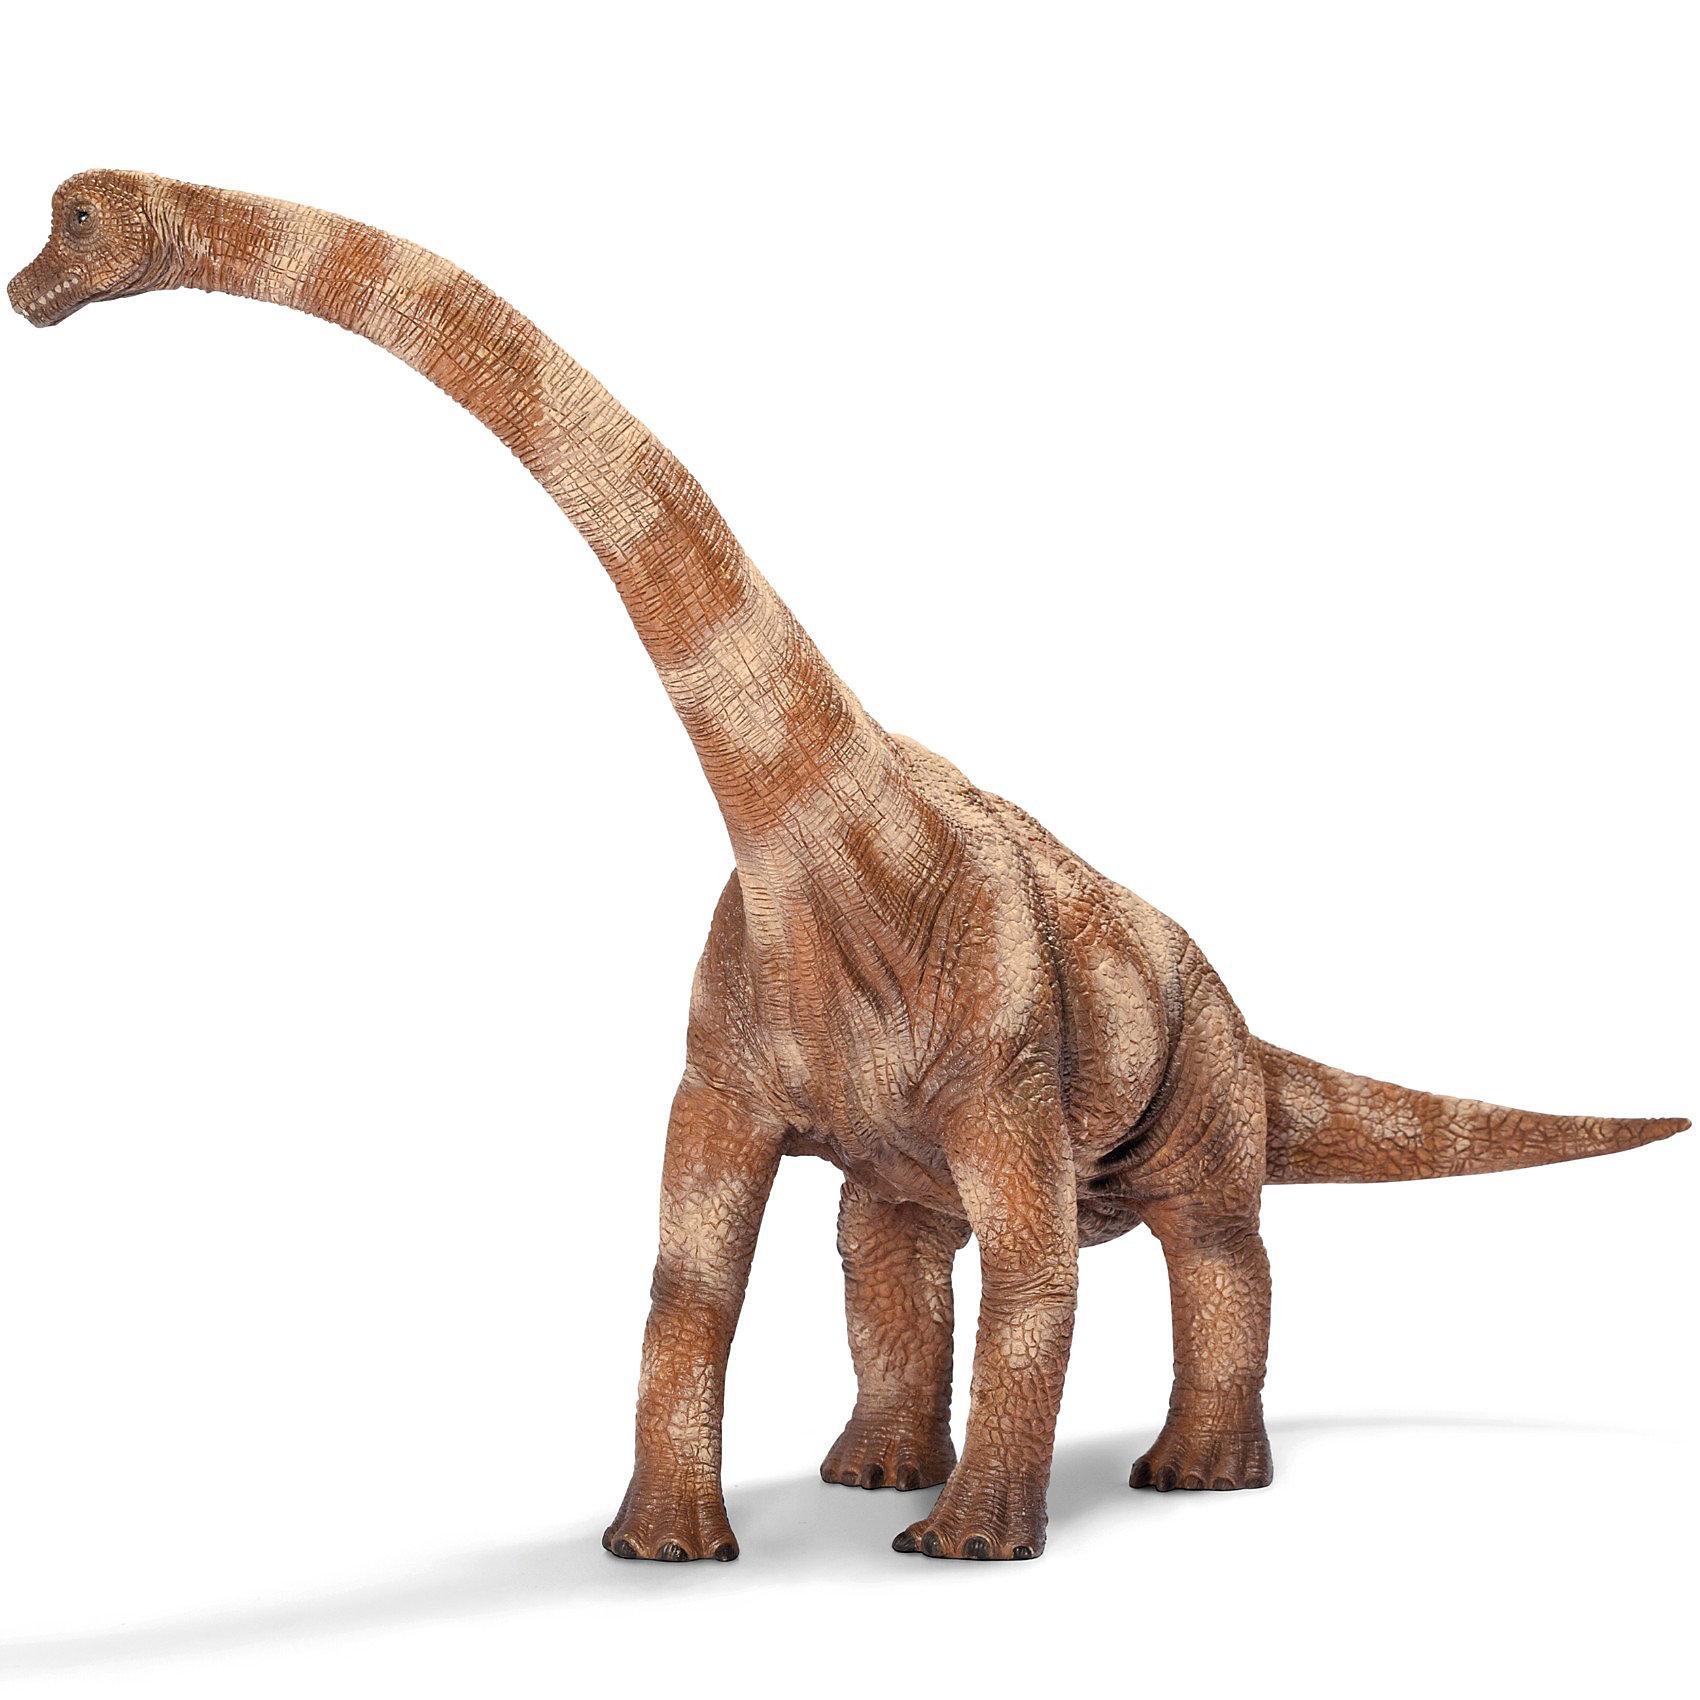 Брахиозавр, SchleichДраконы и динозавры<br>Брахиозавр очень похож на жирафа, но, в отличии от него, имеет длинный хвост. Небольшая голова, шея, длиной 8 метров, длинный хвост, сравнительно короткие конечности — так выглядел типичный Брахиозавр. Самые крупные особи Брахиозавра жили на территории Америки. Фигурка Брахиозавра очень красивая. Высоко поднятая шея голова Брахиозавра говорит о том, что они чаще всего питались листвой деревьев.<br><br>Дополнительная информация:<br><br>Материал: каучуковый пластик<br>Размер: 27,5 ? 18,0 ? 21,0 см<br><br>Брахиозавра, Schleich (Шляйх) можно купить в нашем магазине.<br><br>Ширина мм: 292<br>Глубина мм: 107<br>Высота мм: 179<br>Вес г: 475<br>Возраст от месяцев: 36<br>Возраст до месяцев: 96<br>Пол: Мужской<br>Возраст: Детский<br>SKU: 2445898